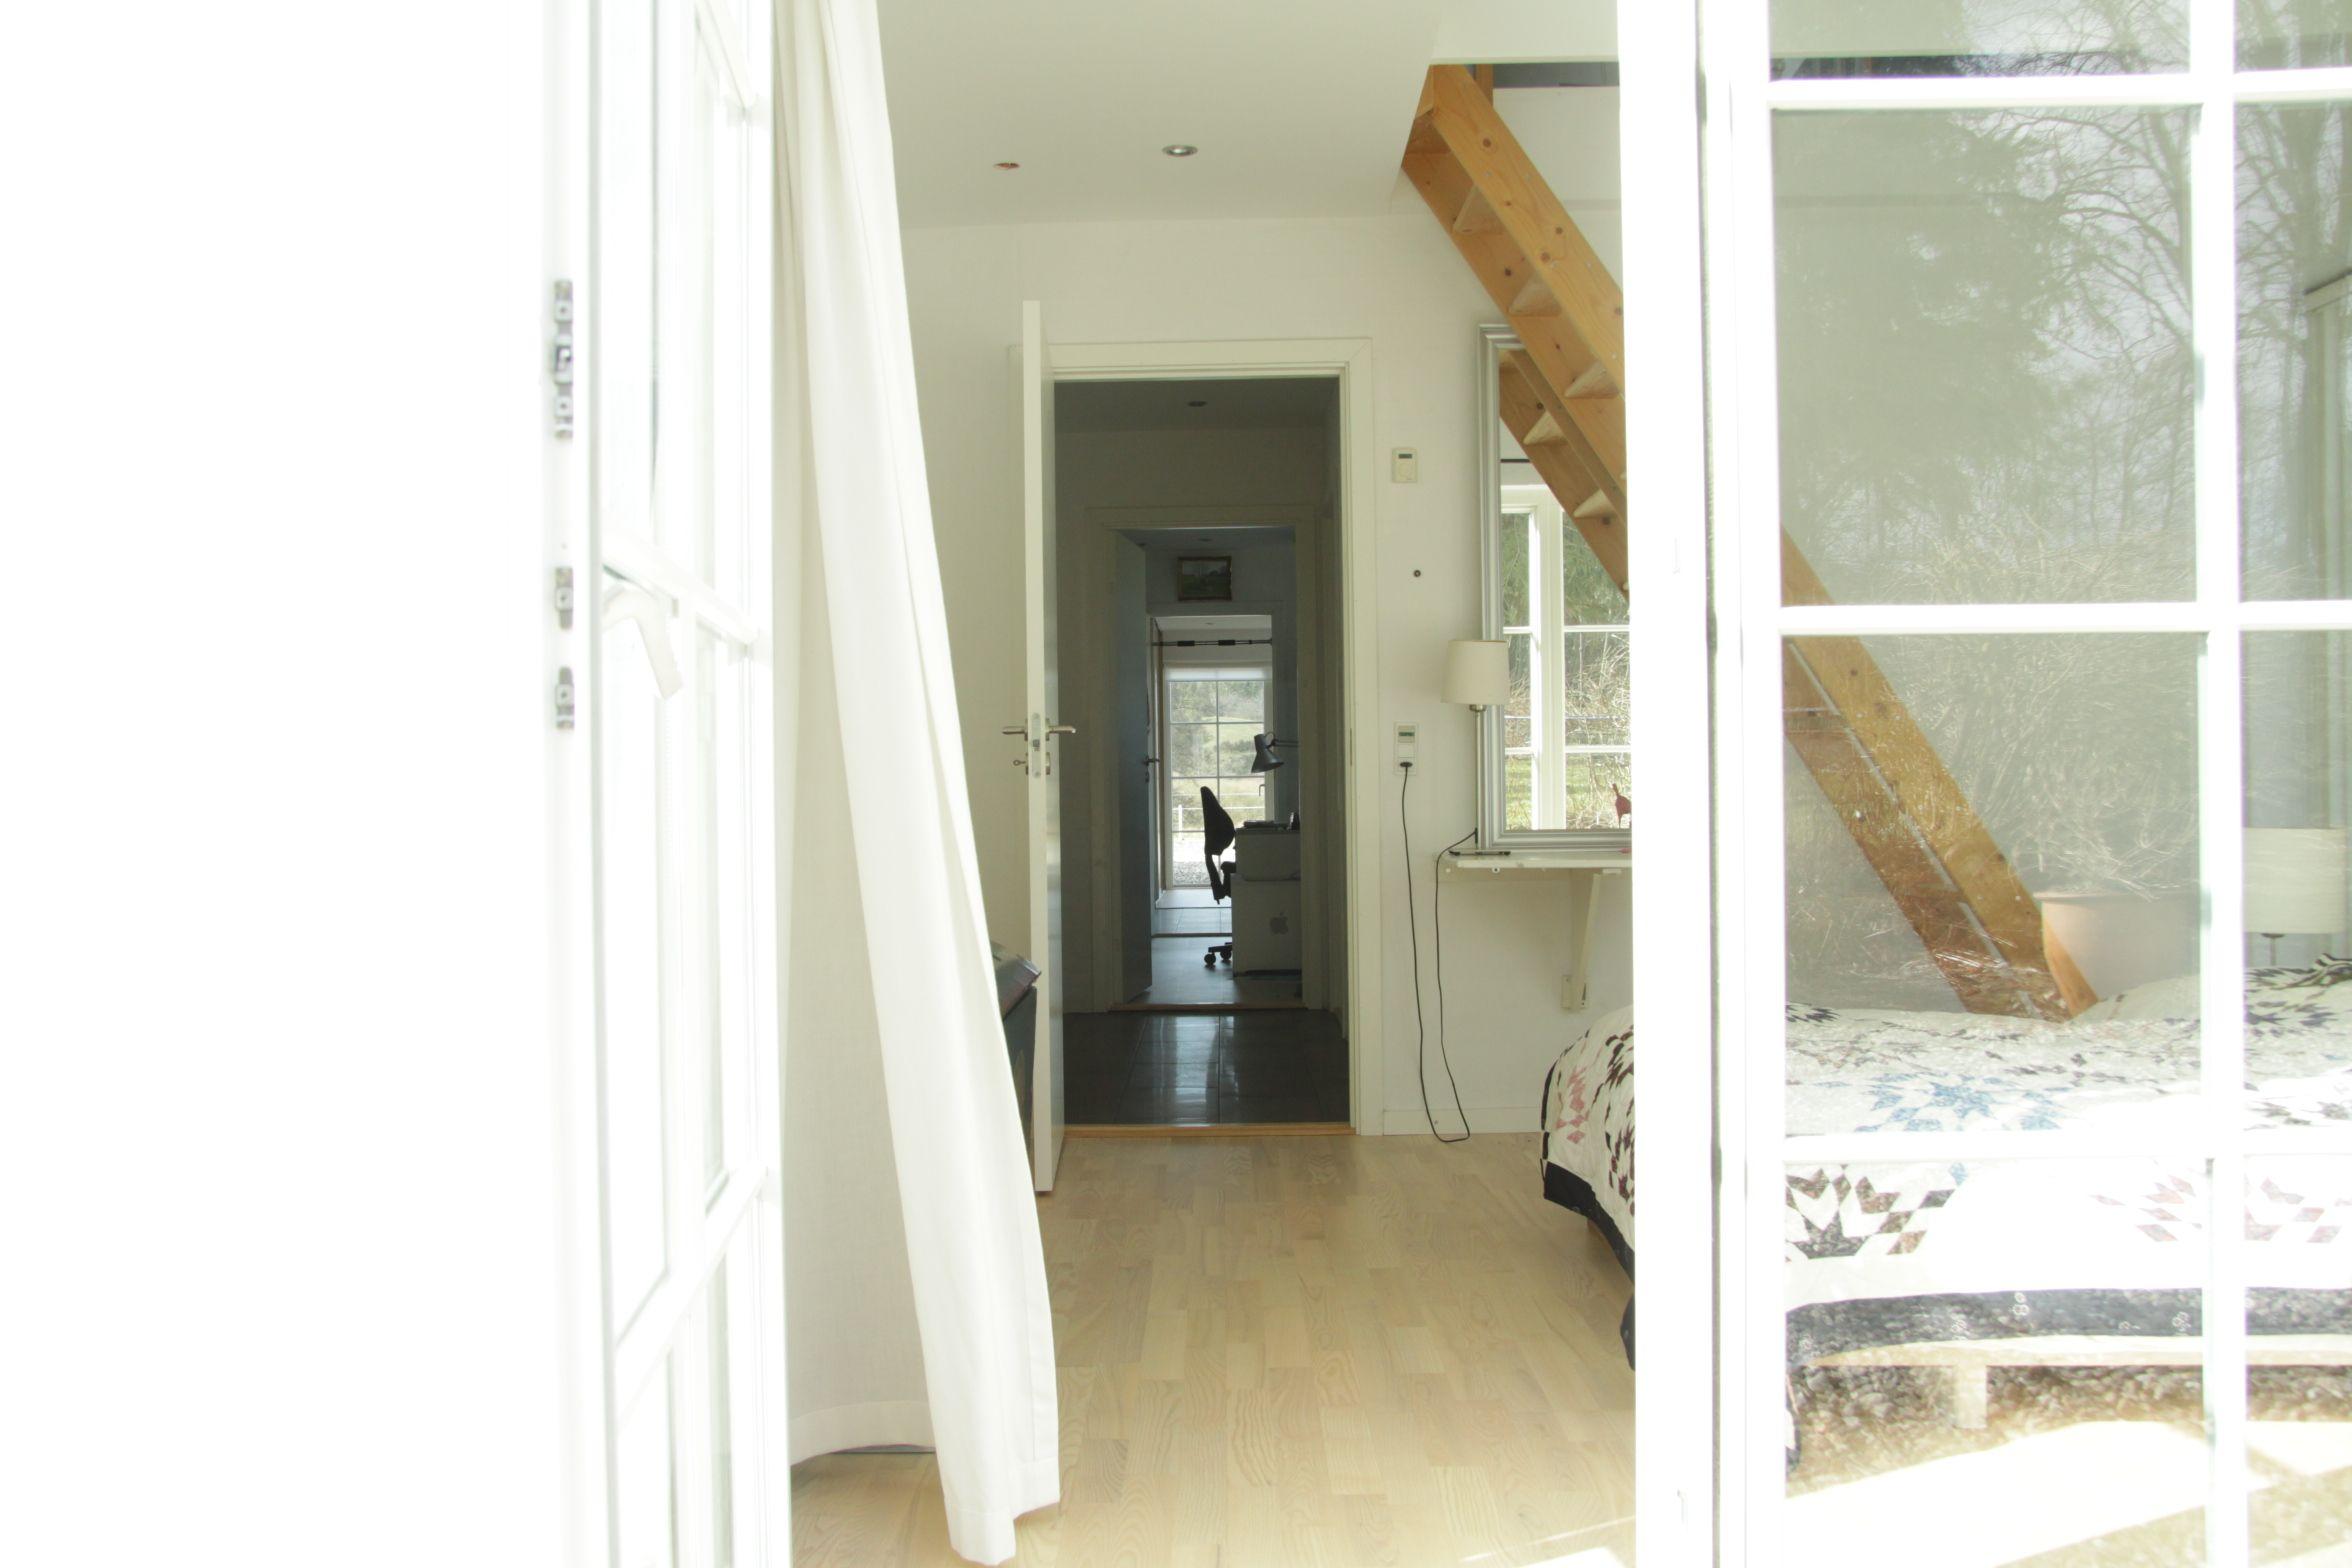 Architecture and photo: ©️Bodil Kirstine Jensen - www.modernmill.dk. Quilt: Kirsten E Jensen